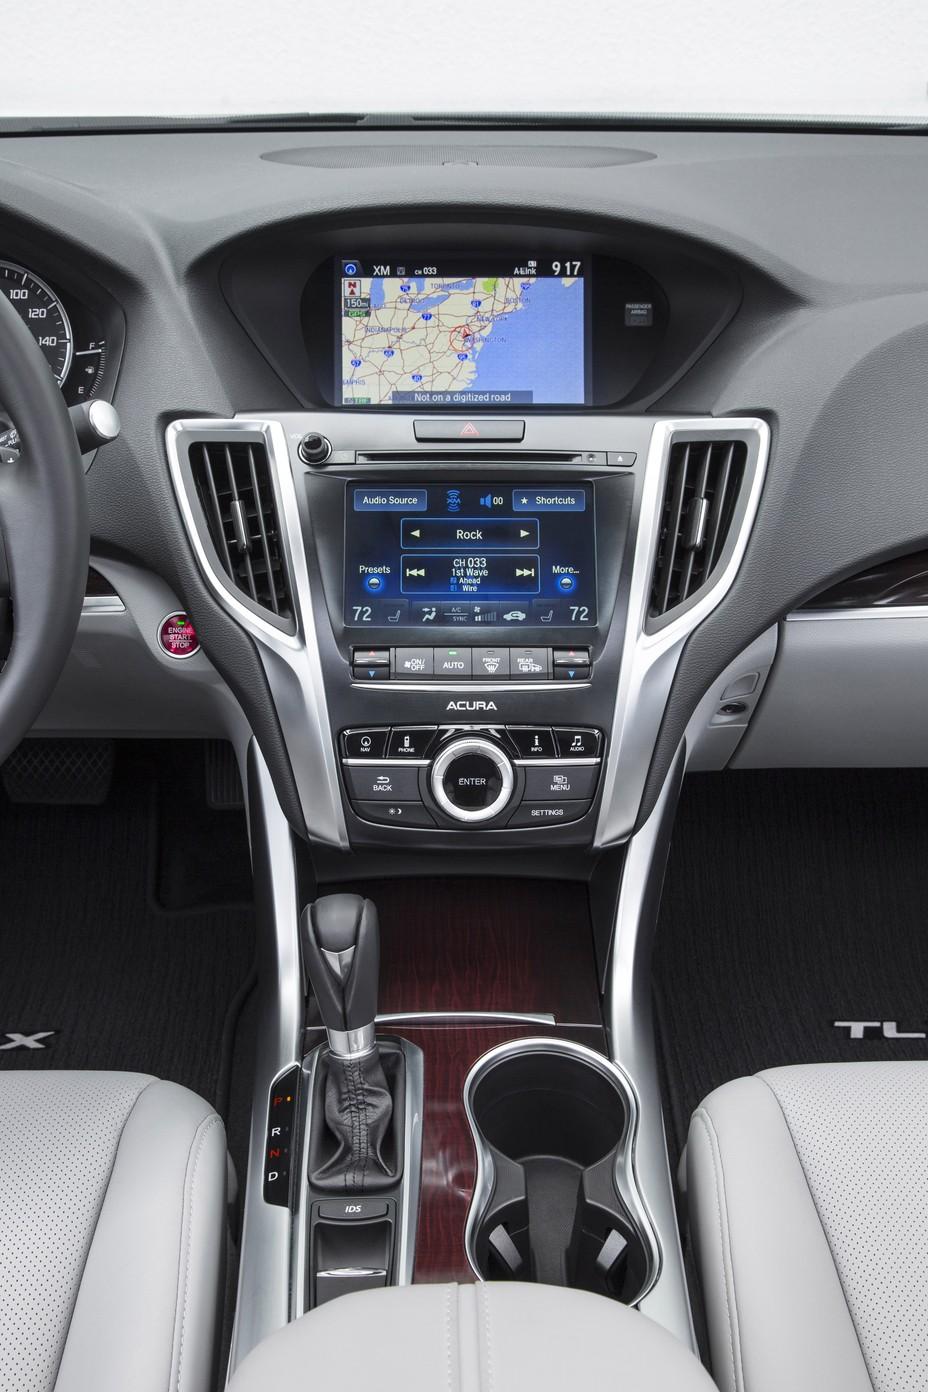 2015 Acura Tlx Interior L4